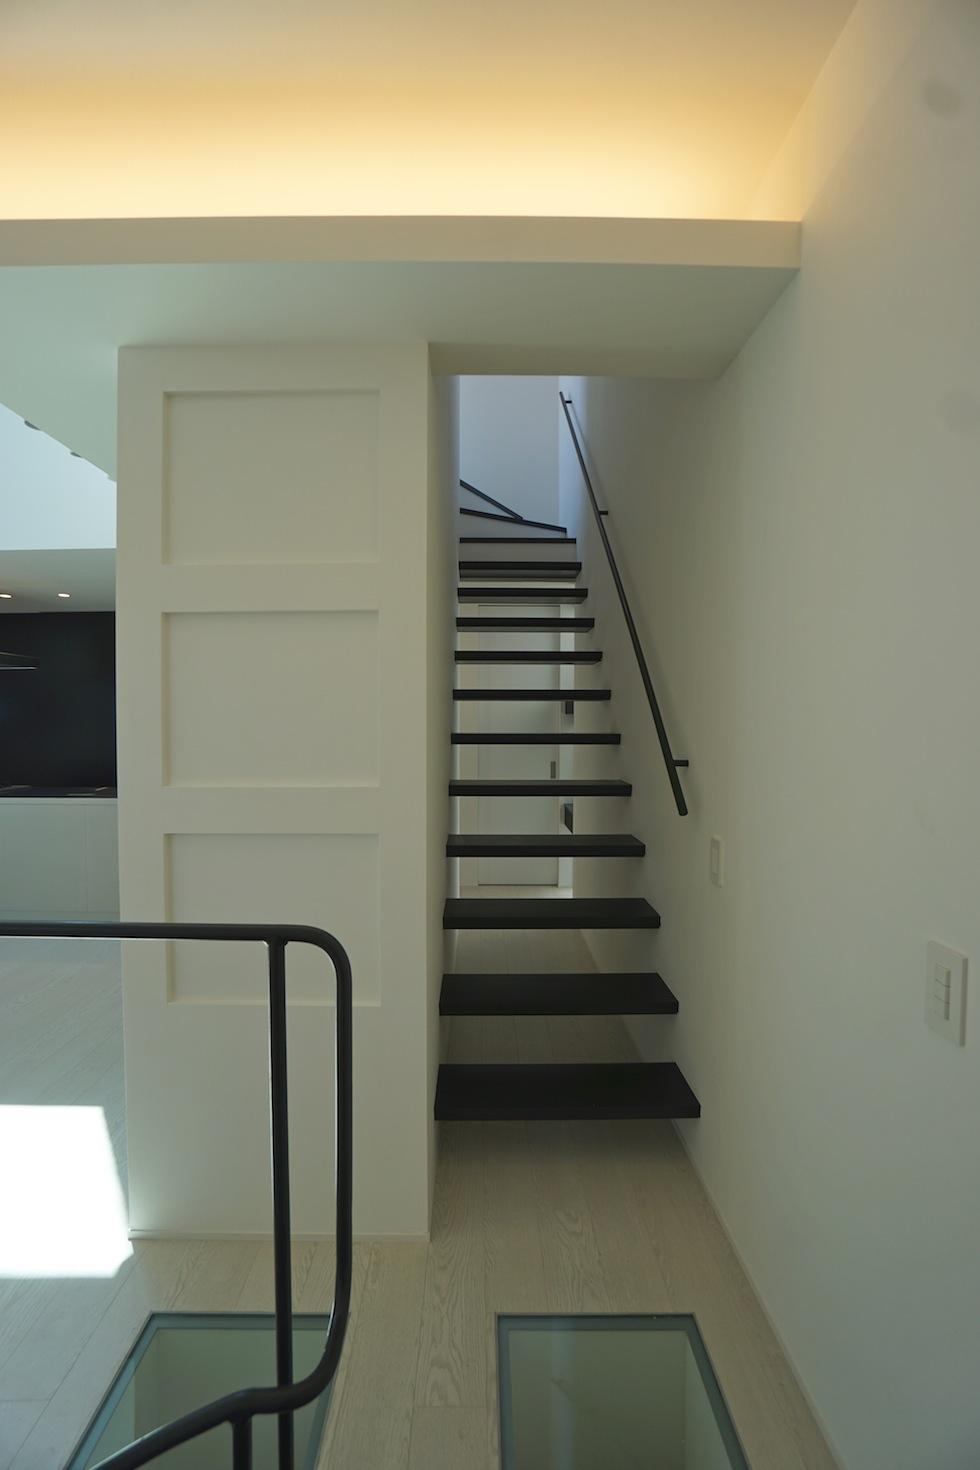 高級注文住宅,設計事務所,建築家,大阪,京都,神戸,3階建てデザイン,リビング,グランピングテラス,ストリップ階段,ガラス床